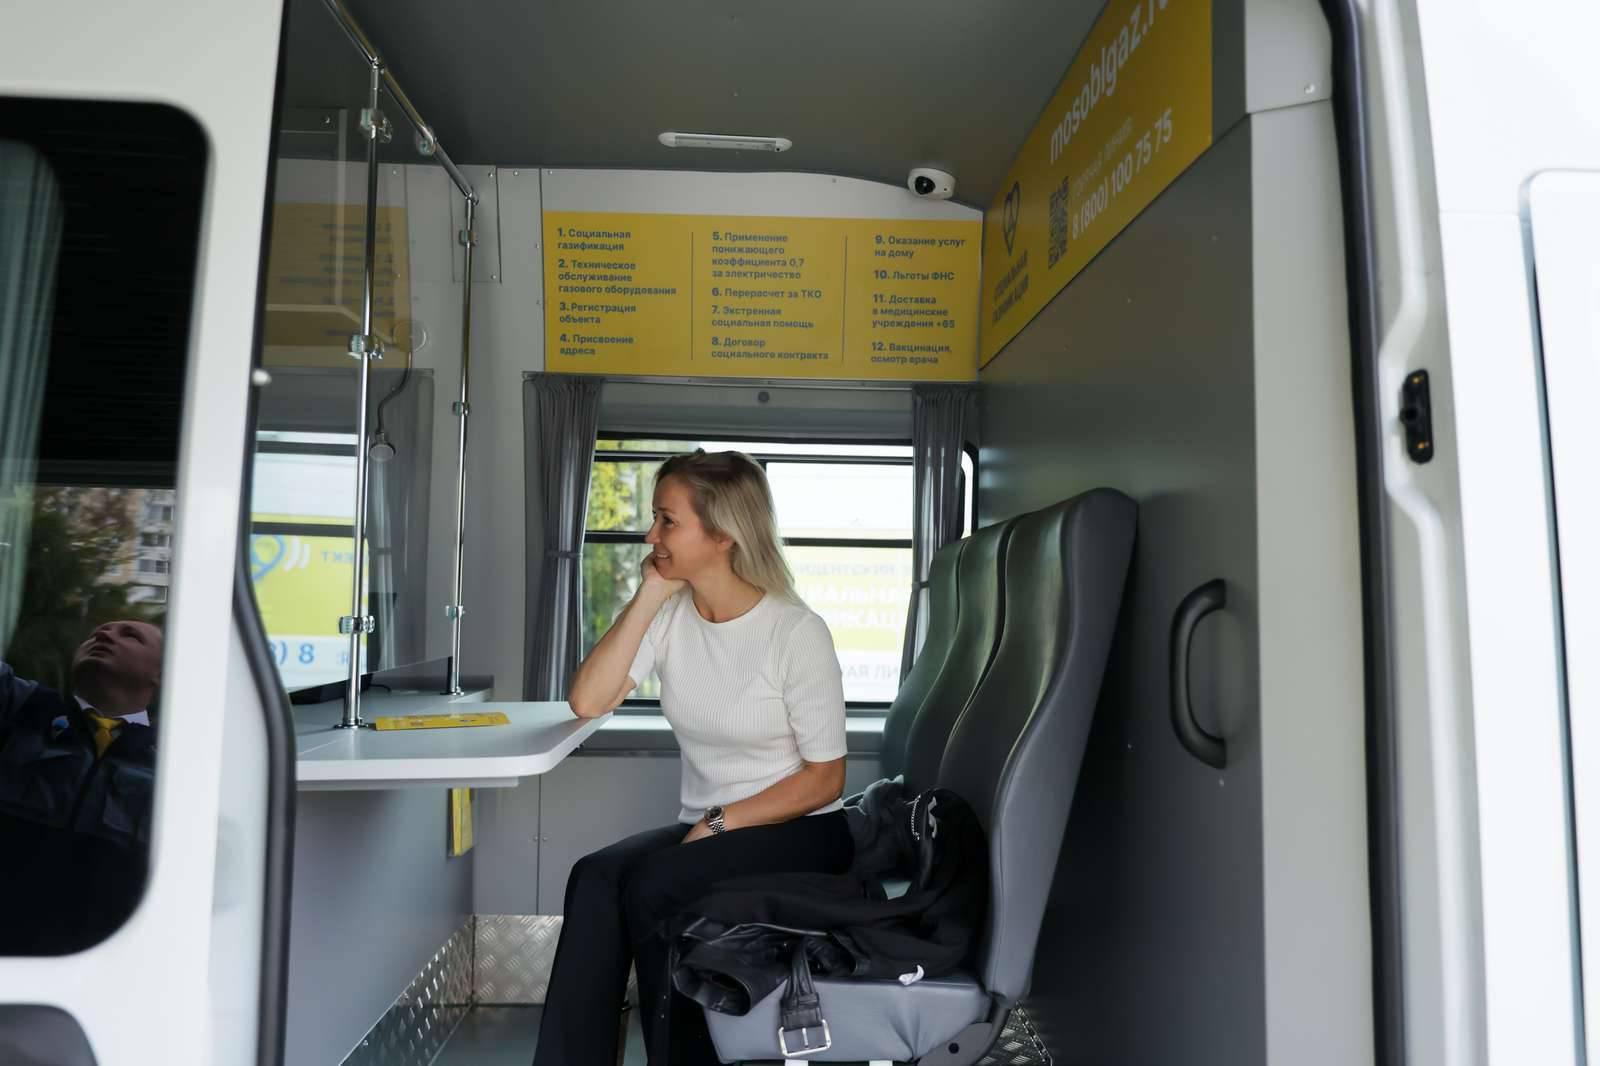 Более 10 тысяч человек посетили офисы социальной газификации в Подмосковье | Изображение 2